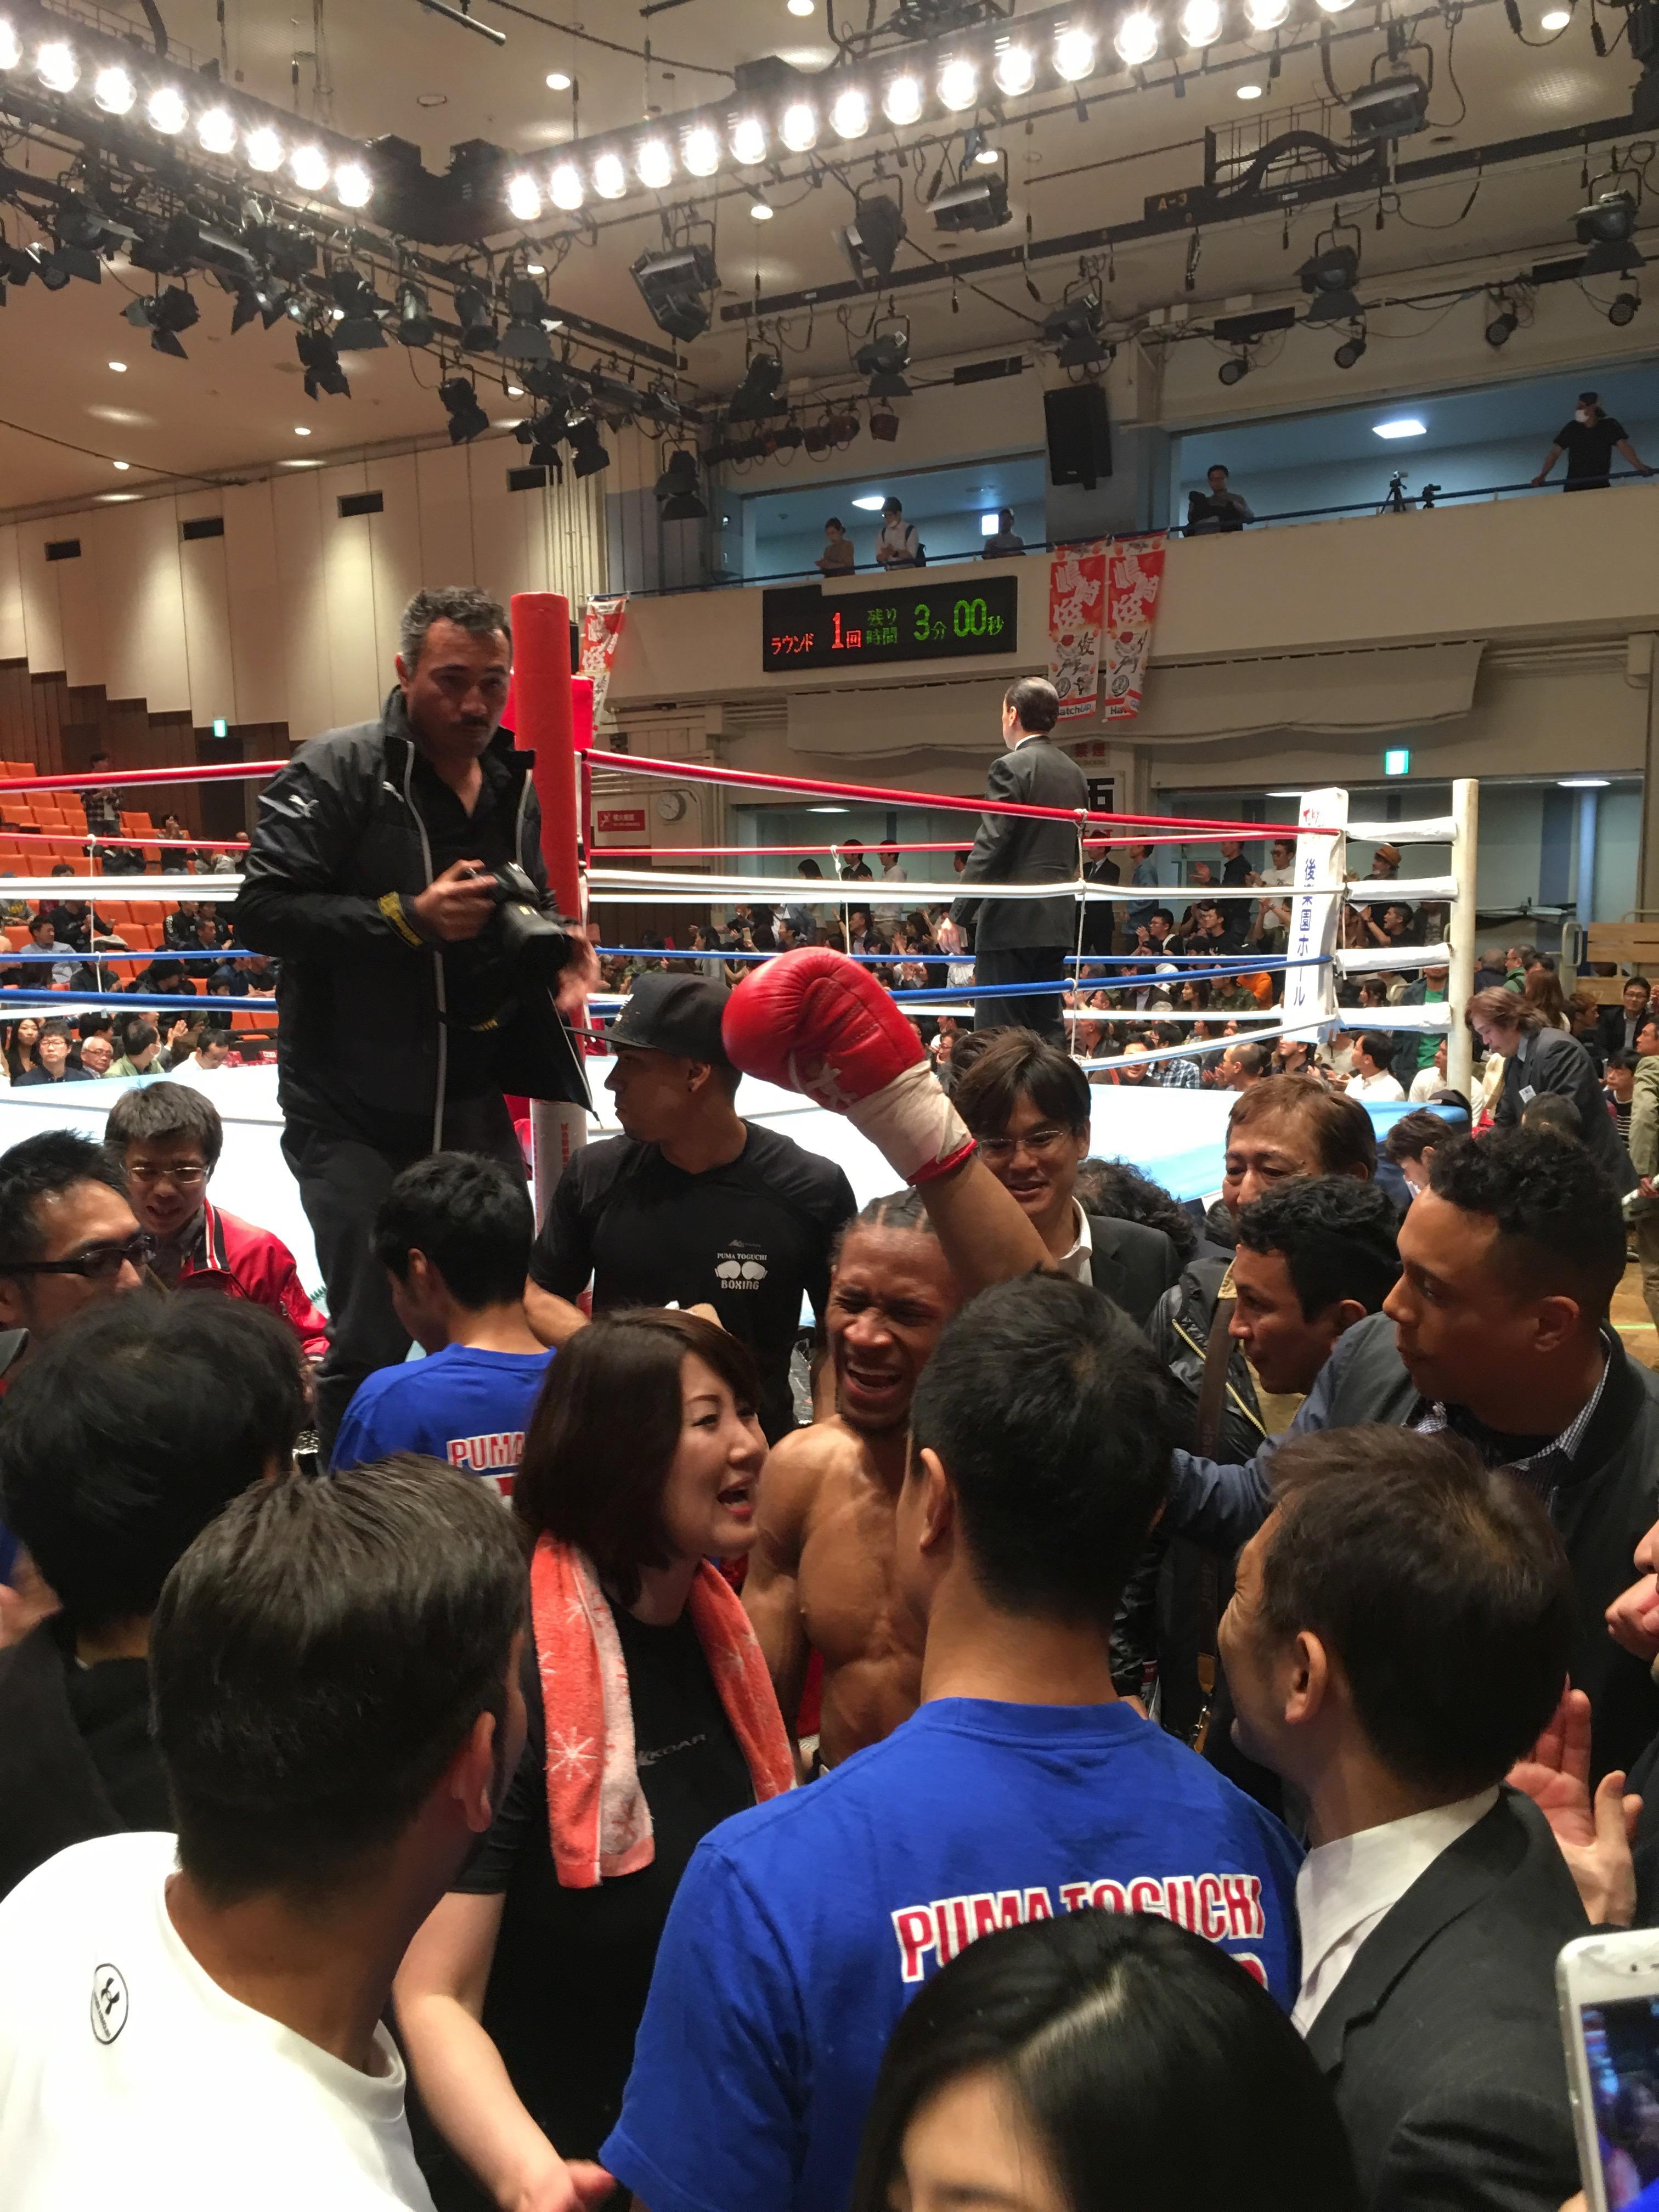 ブラディミール・バエス選手が日本デビュー戦で勝利!(¡Bladimir Baez ganó su primera pelea en Japón!)